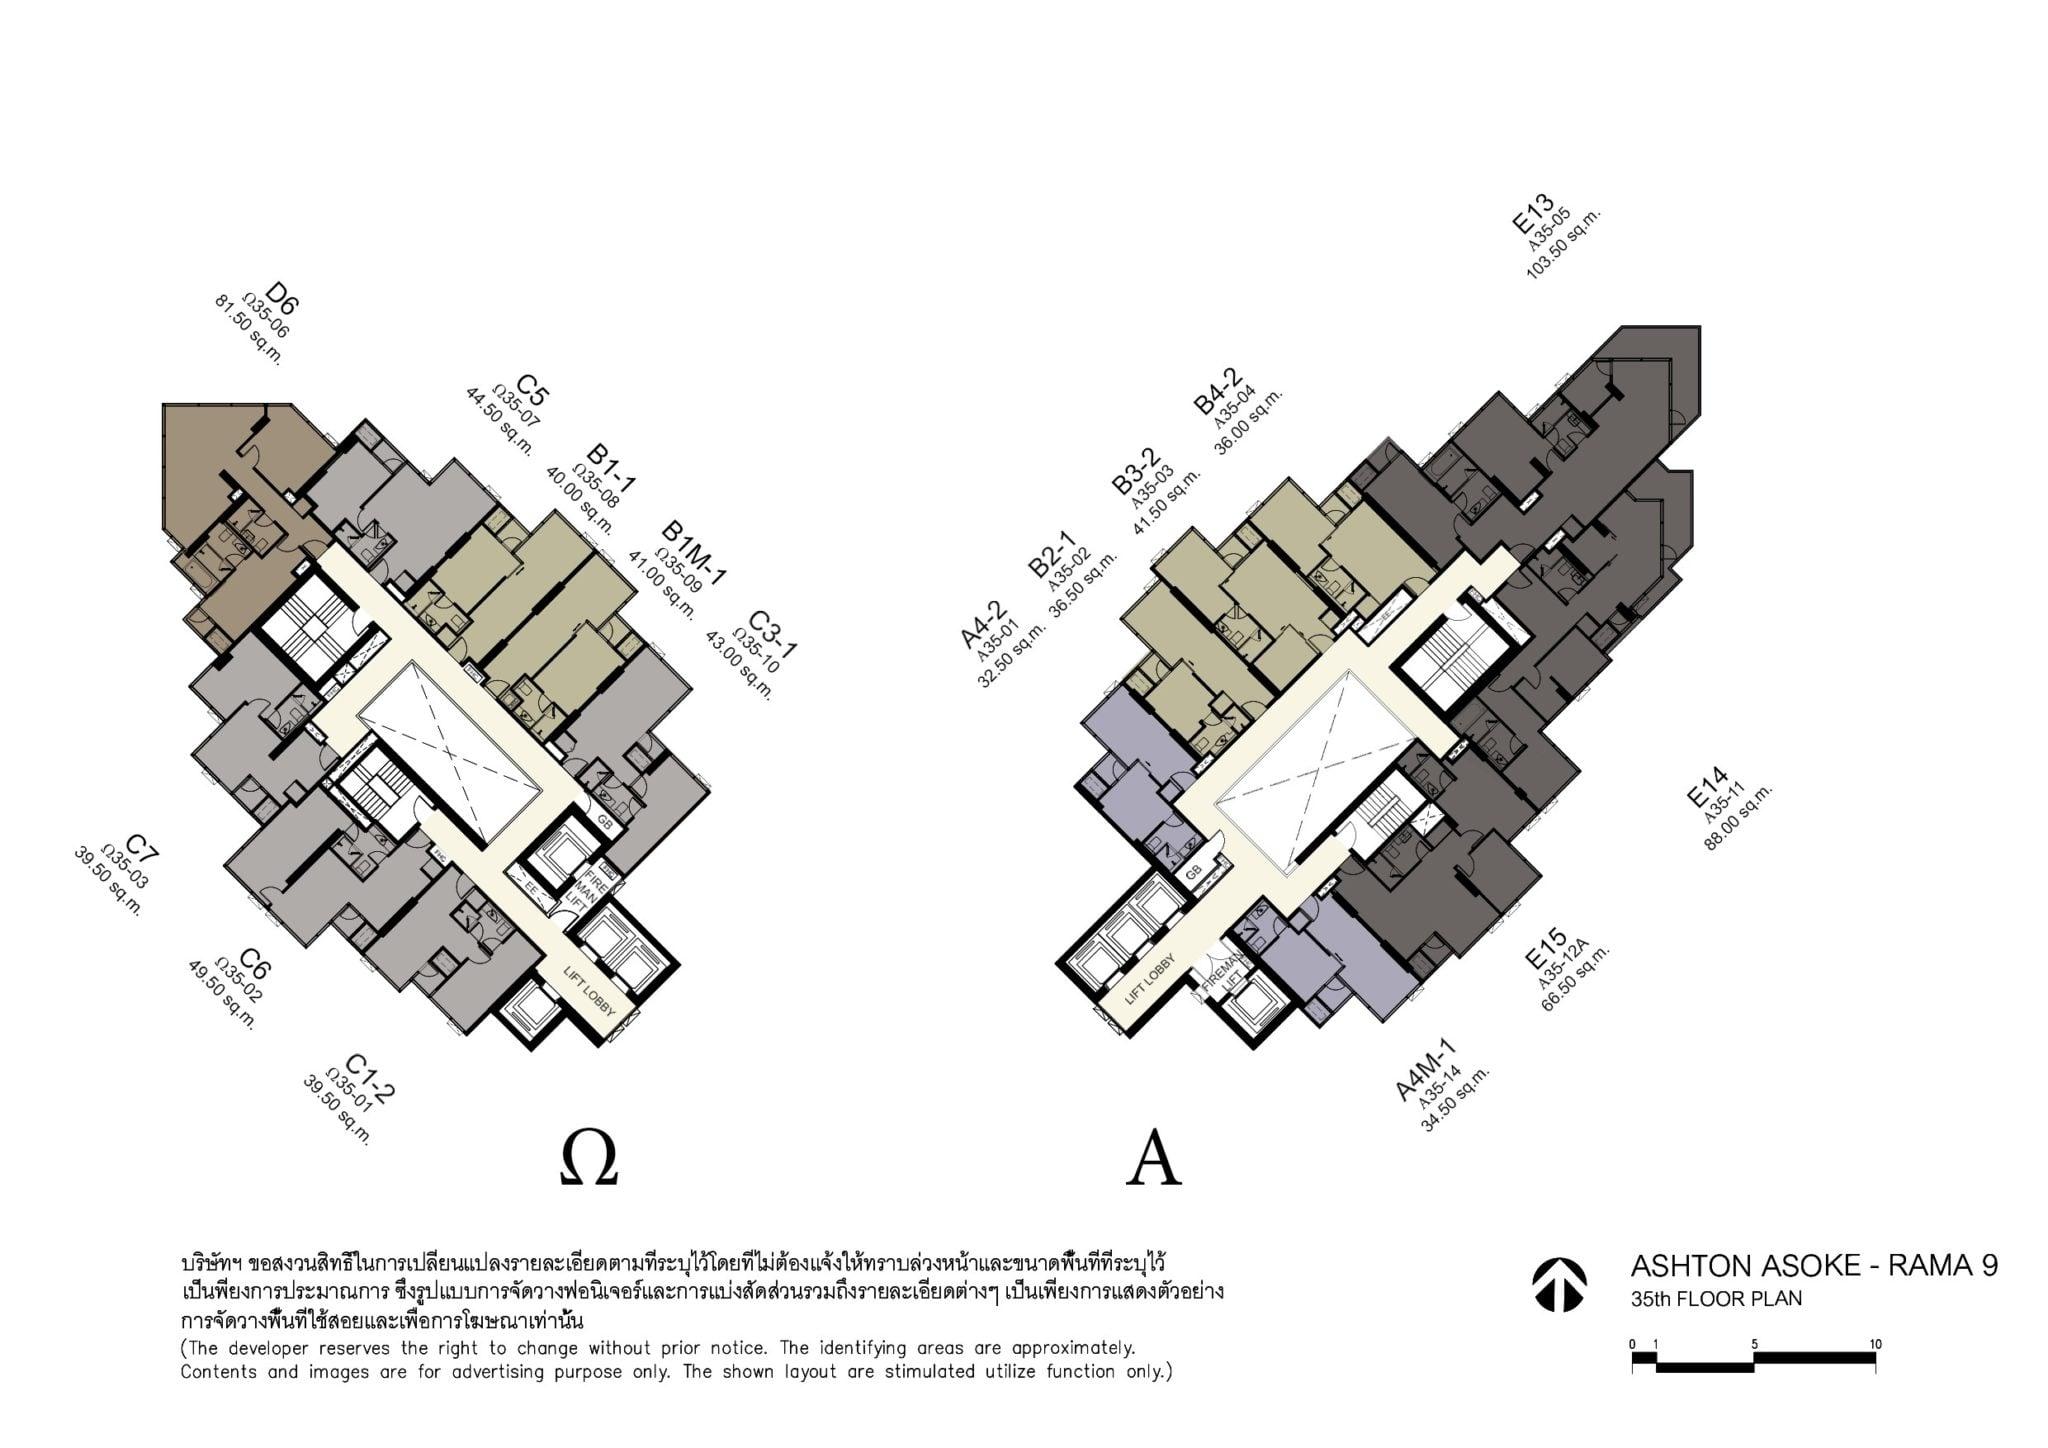 Ashton awoke rama 9 35th floor plan